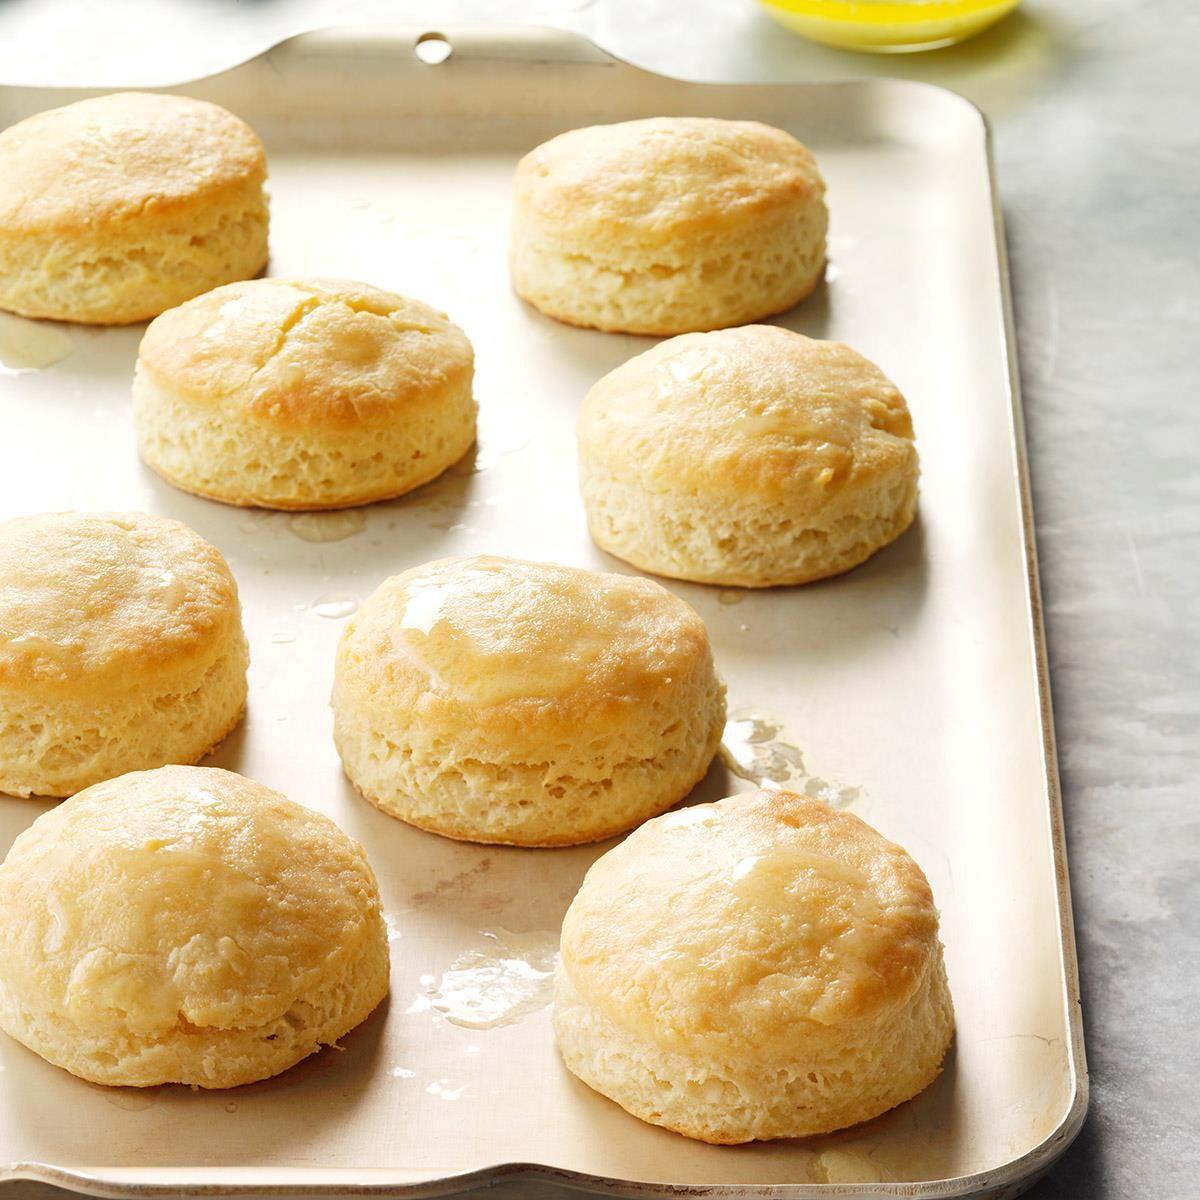 Southern Buttermilk Biscuits Recipe Buttermilk Biscuits Recipe Southern Buttermilk Biscuits Biscuit Recipe